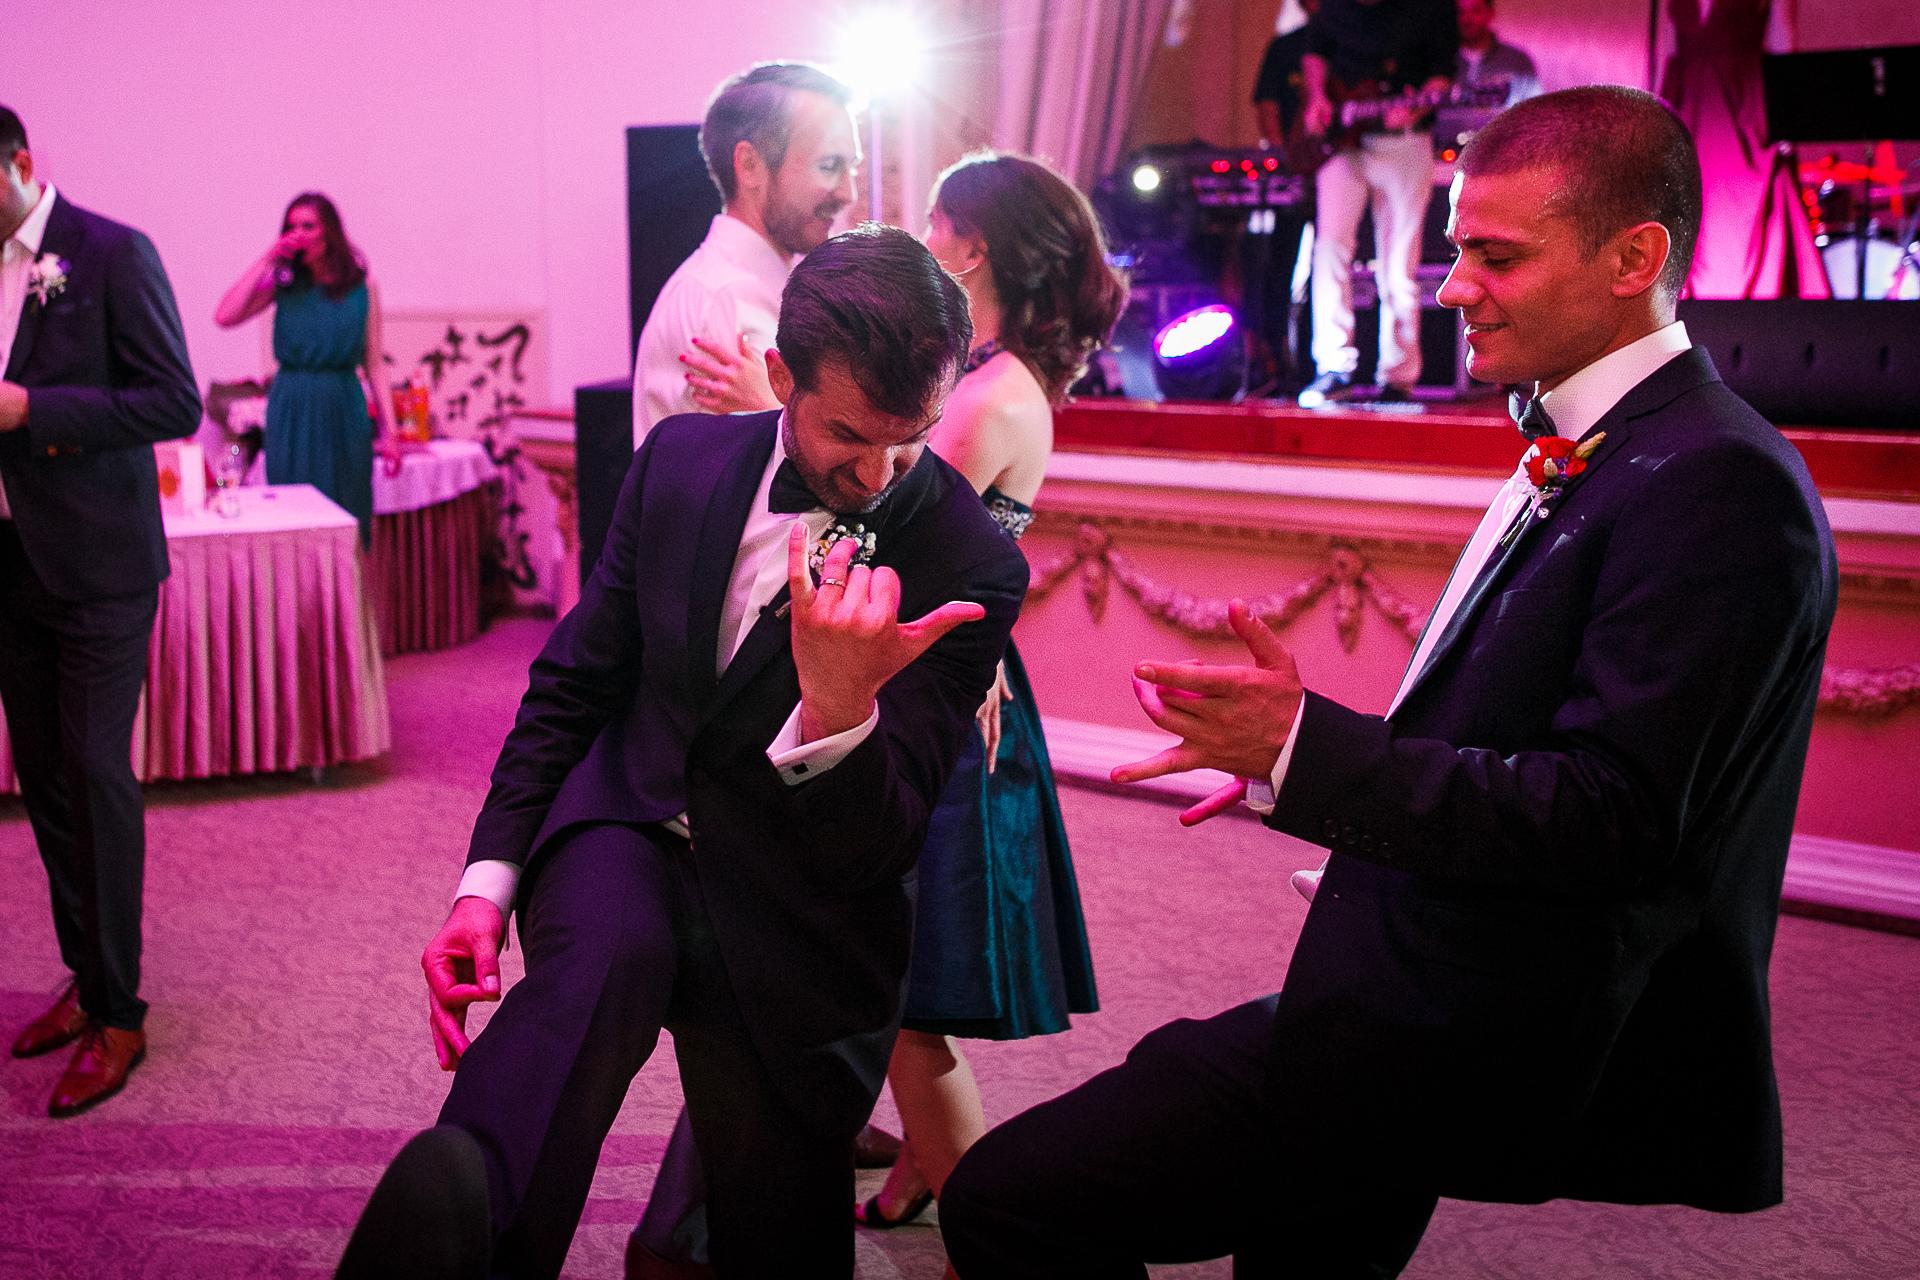 nuntă Salon Elisabeta - Elena şi Costin - Mihai Zaharia Photography - 064